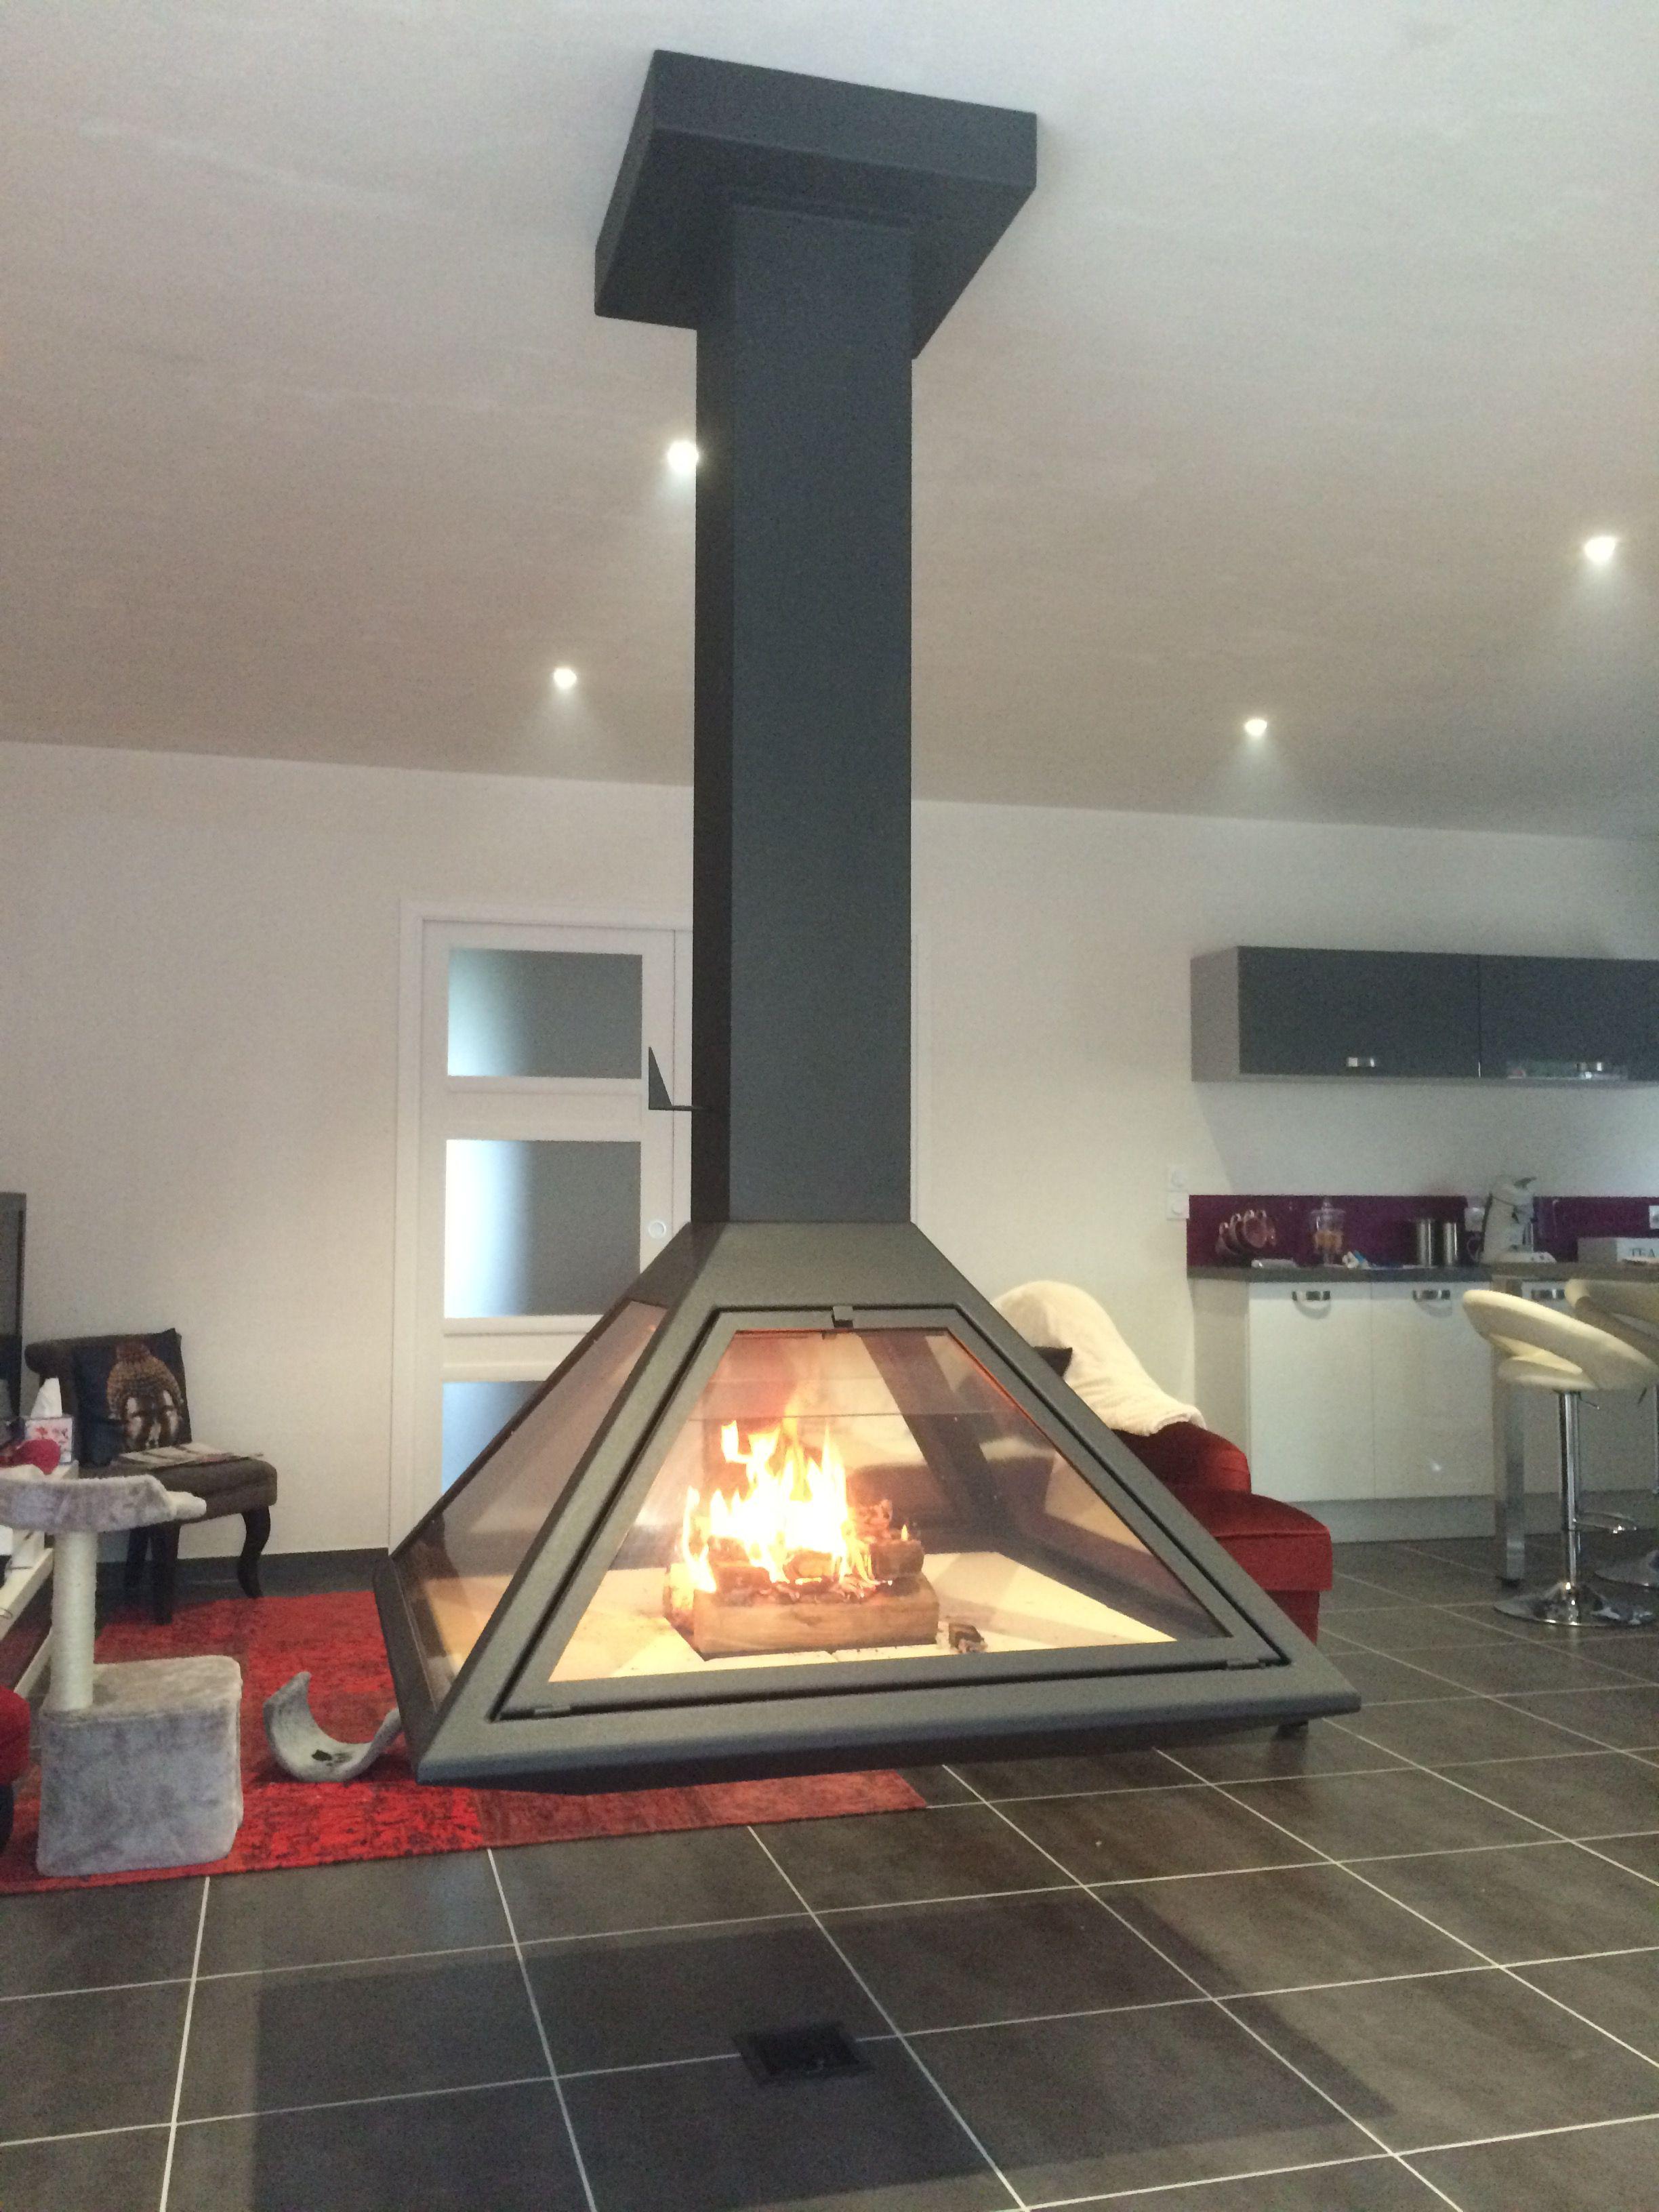 enlever une chemine pour mettre un poele stunning matriel ncessaire pour customiser une chemine. Black Bedroom Furniture Sets. Home Design Ideas